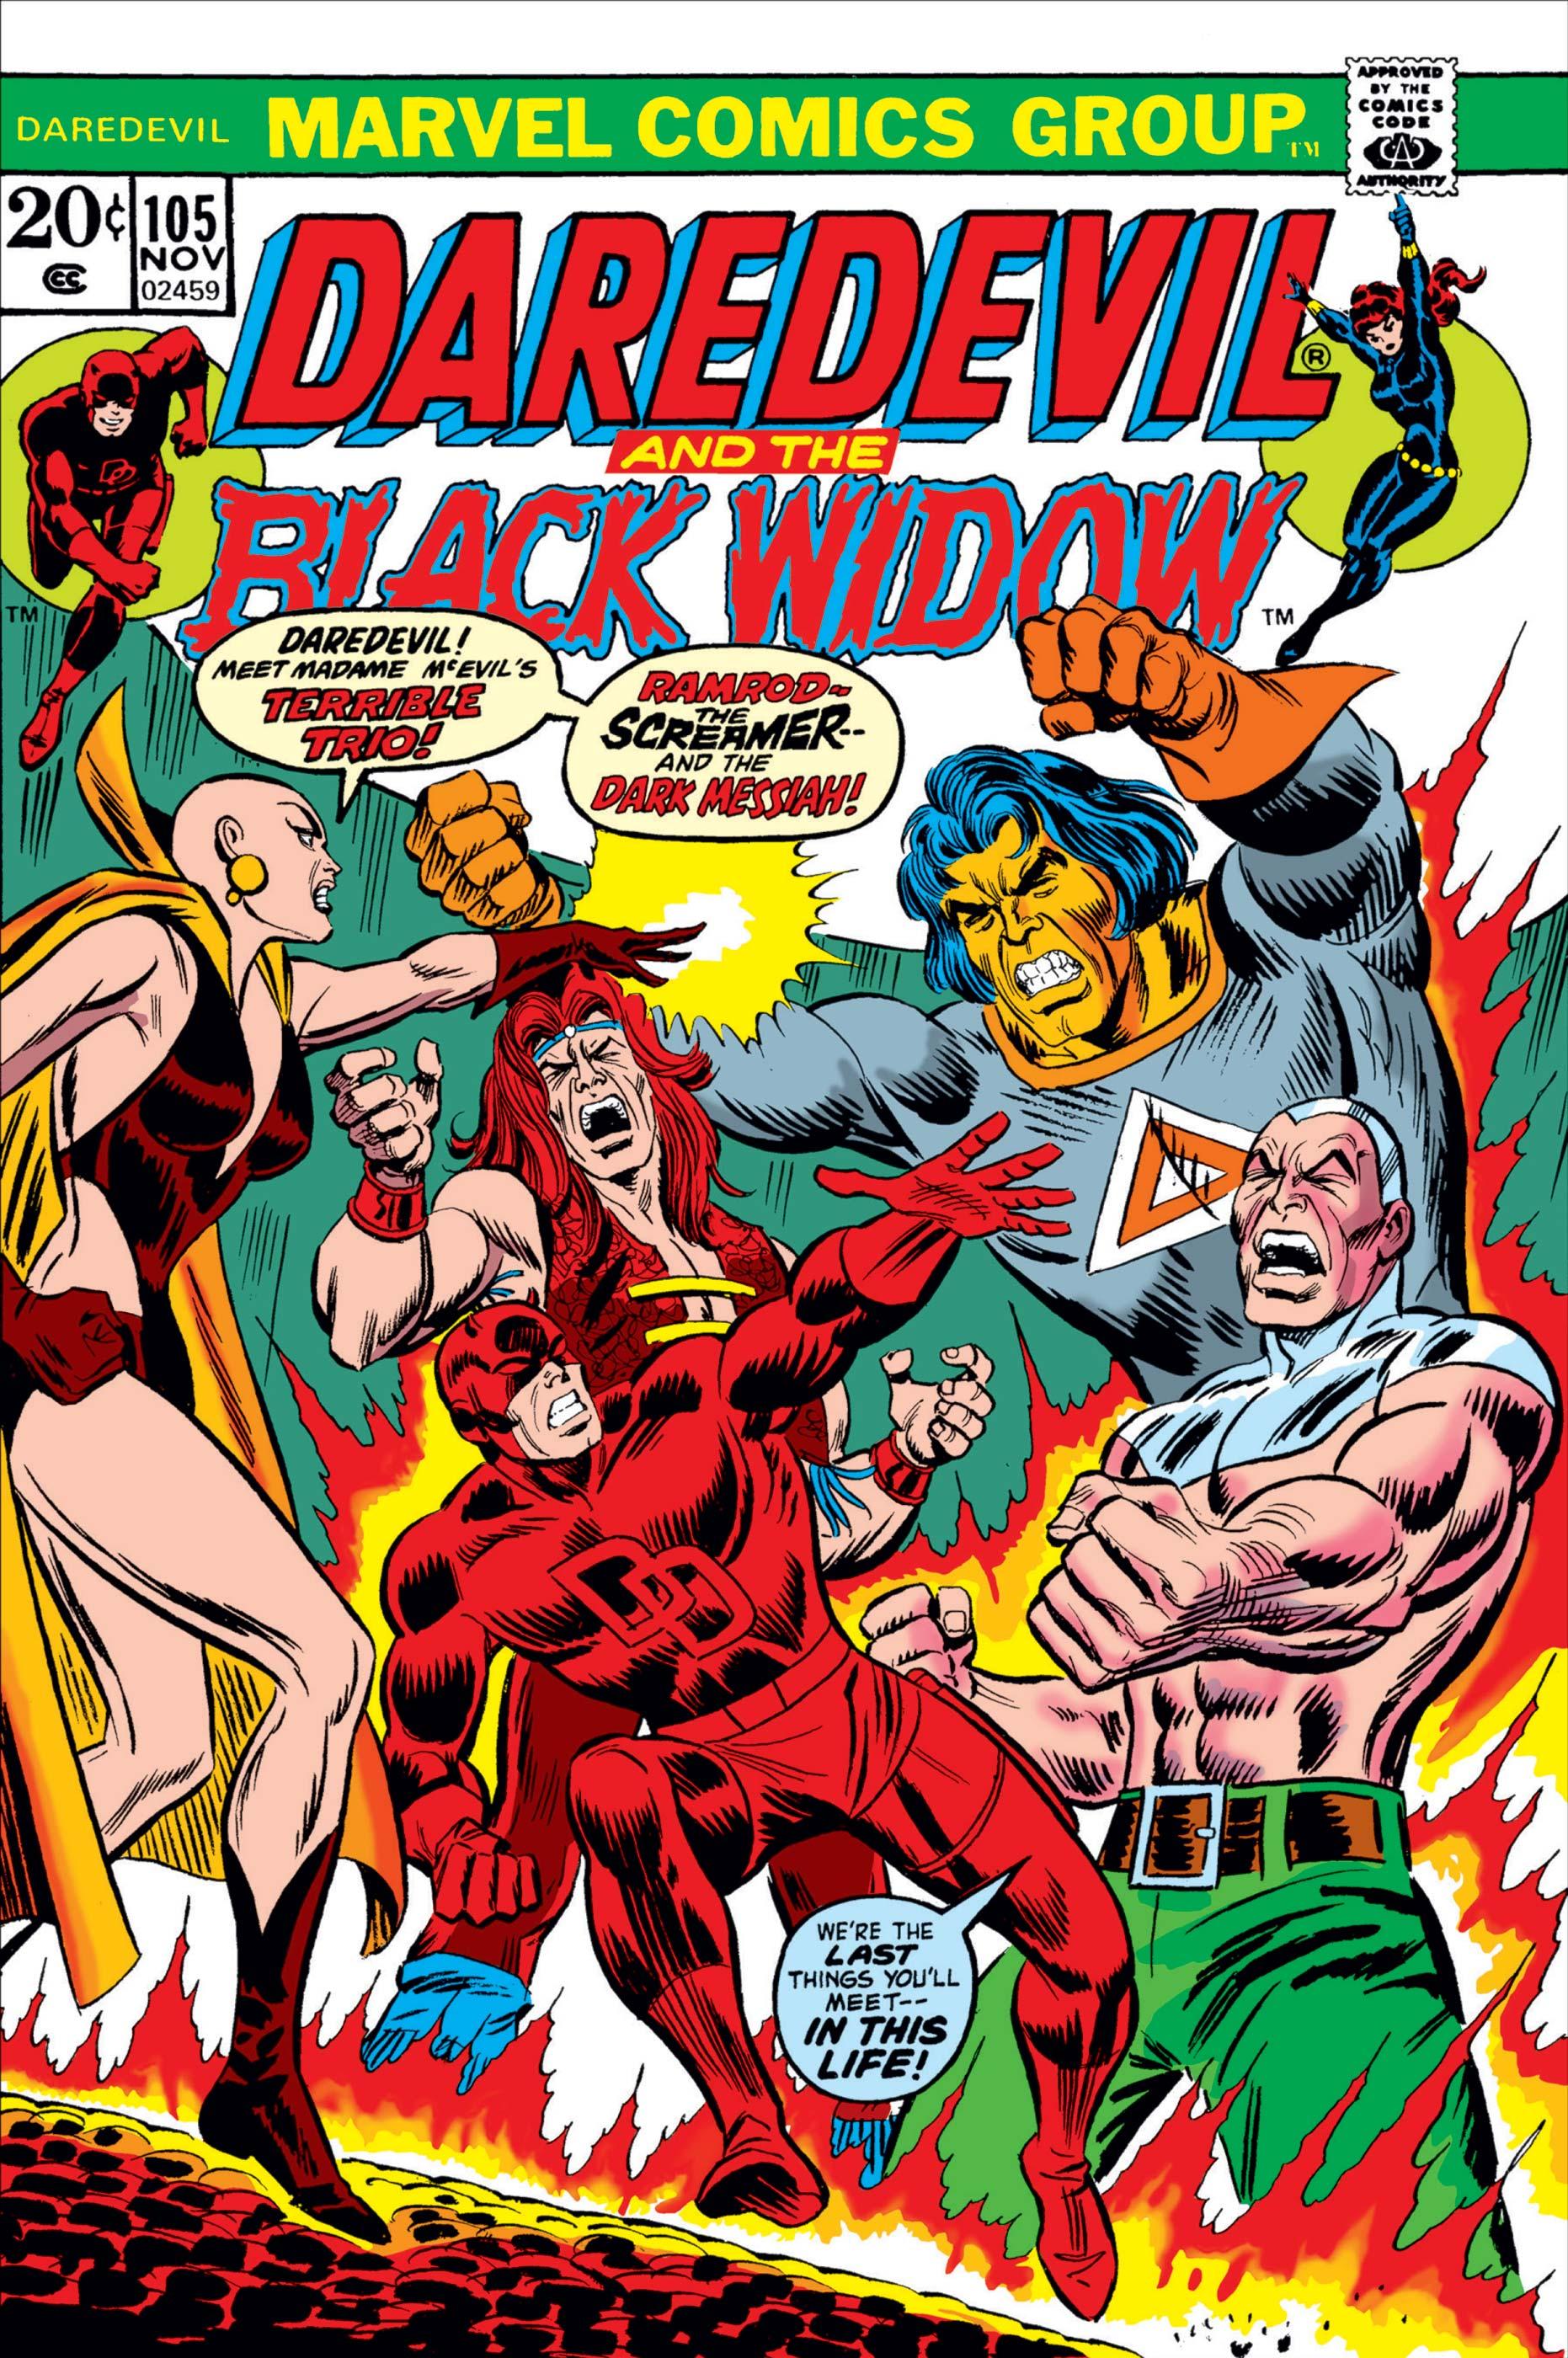 Daredevil (1964) #105